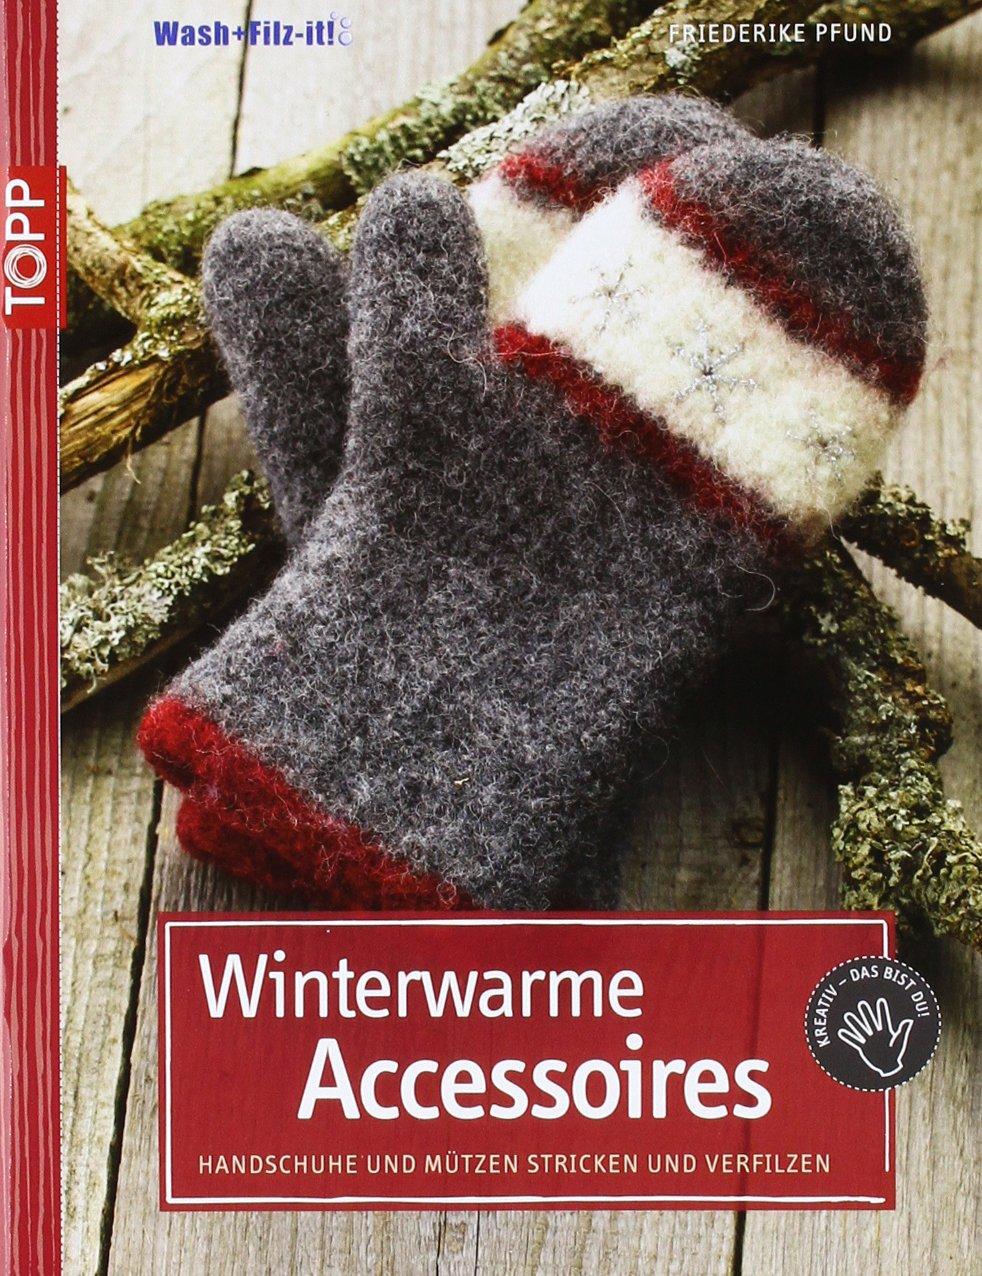 Winterwarme Accessoires Handschuhe Und Mützen Stricken Und